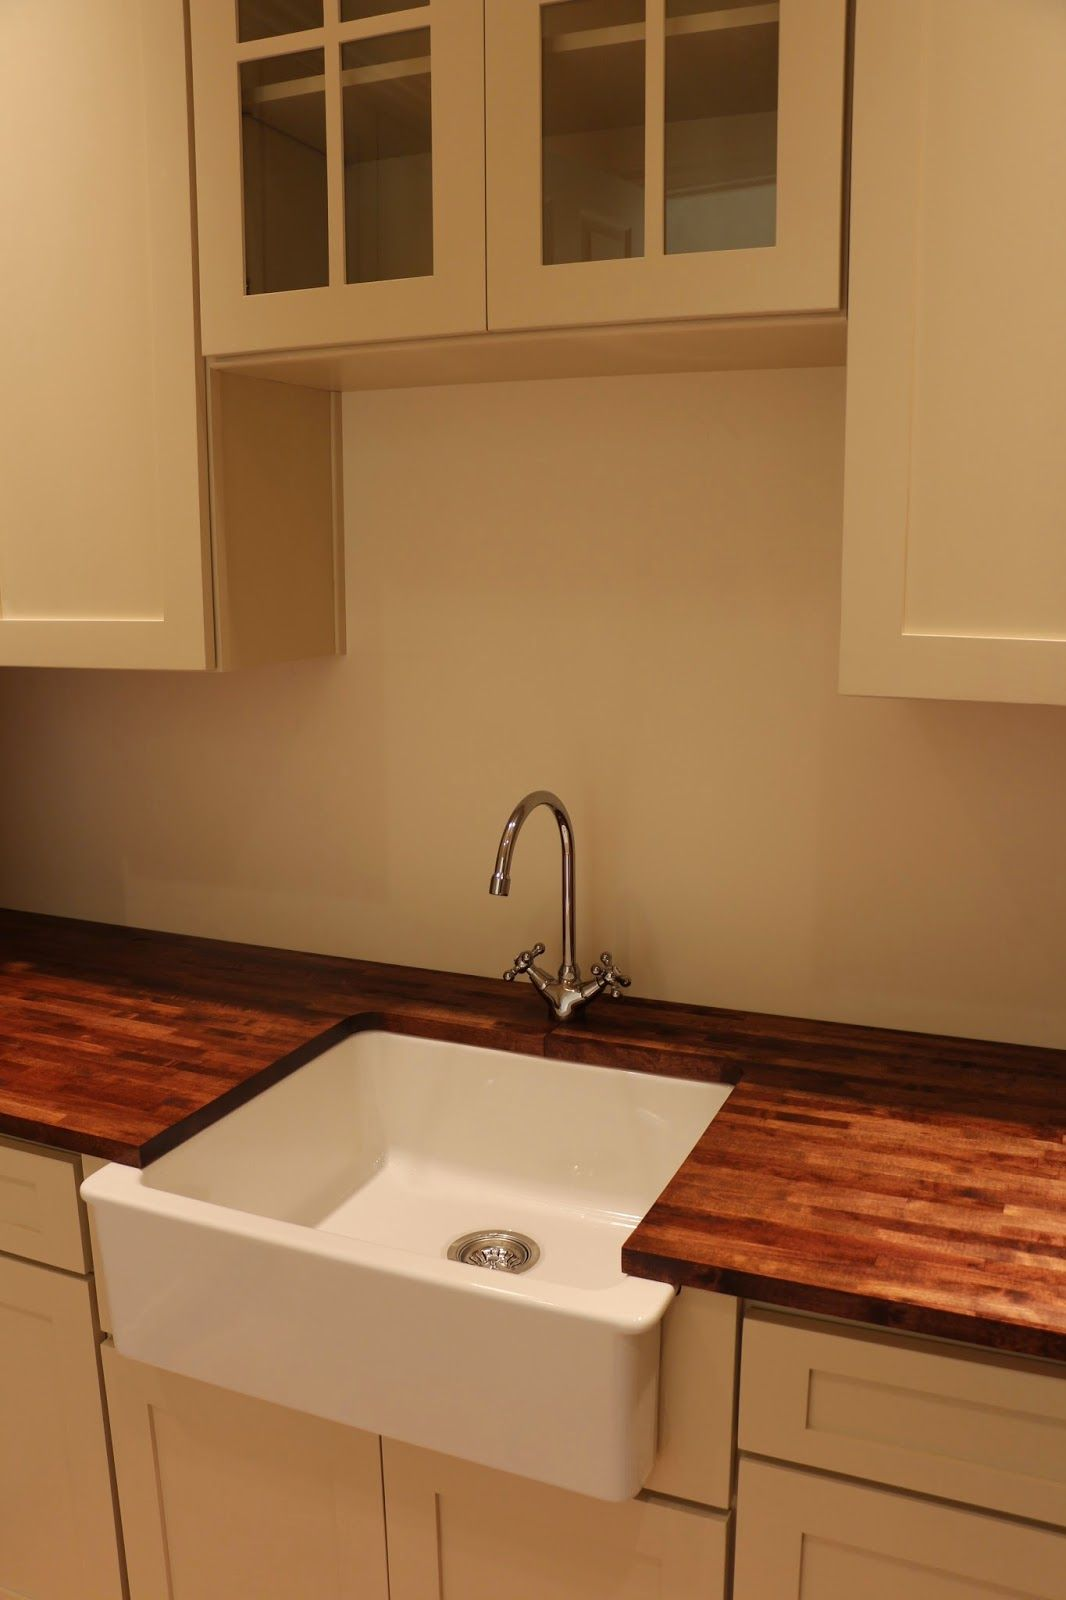 domsjo sink, farmhouse sink, wood countertops, varde countertops ...